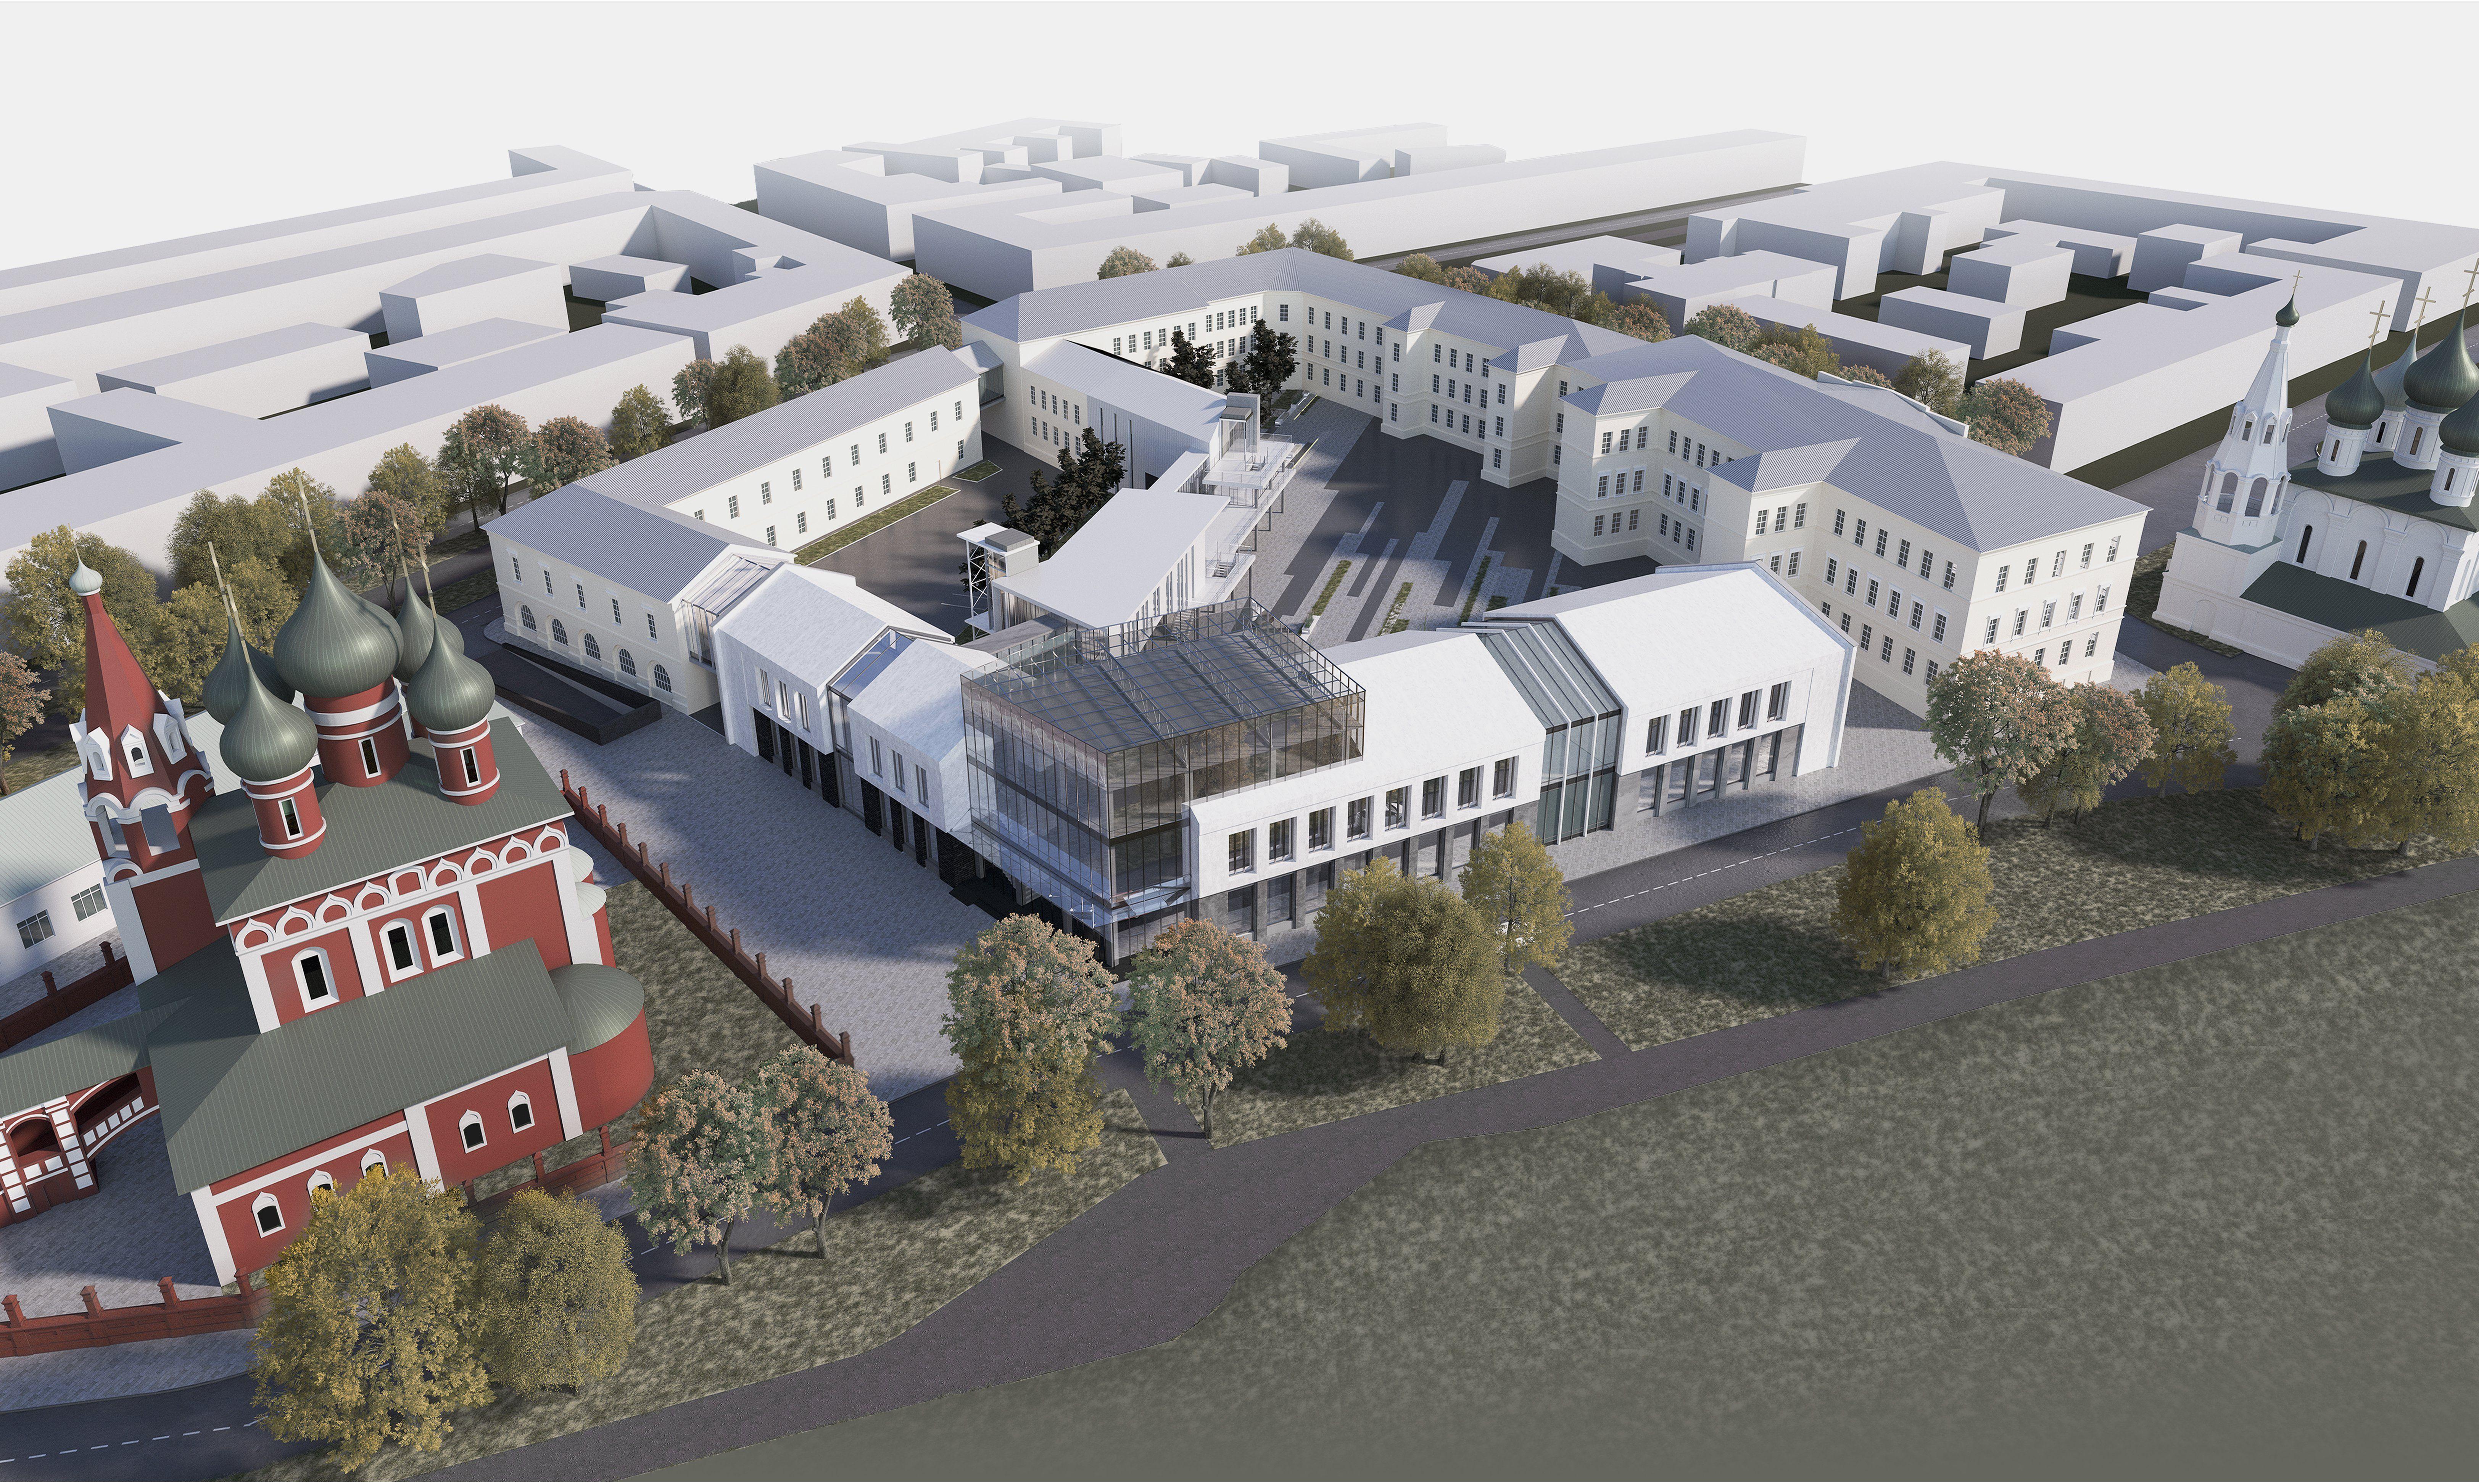 Ярославские архитекторы рассказывают о своих дипломных проектах  Ярославские архитекторы рассказывают о своих дипломных проектах